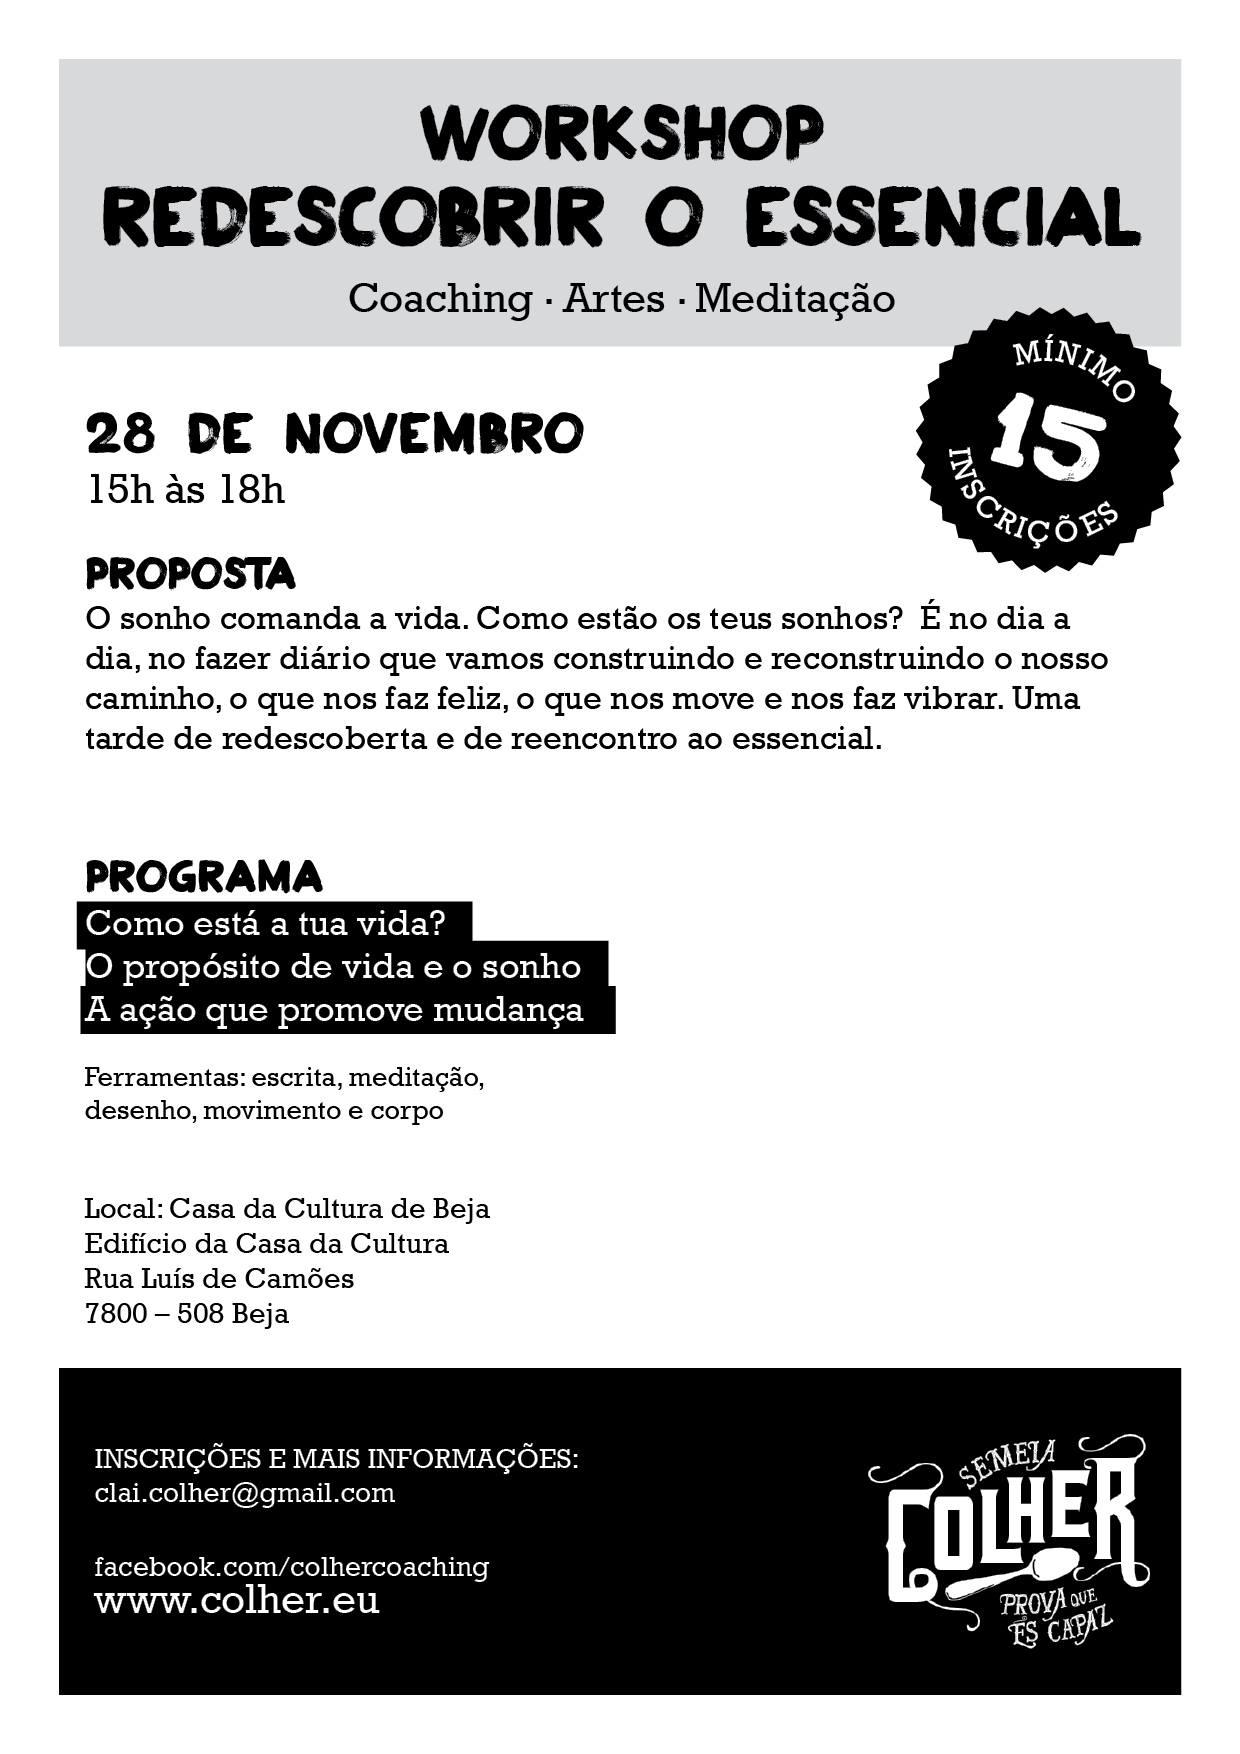 Workshop: Redescobrir o essencial_ 28novembro_Beja